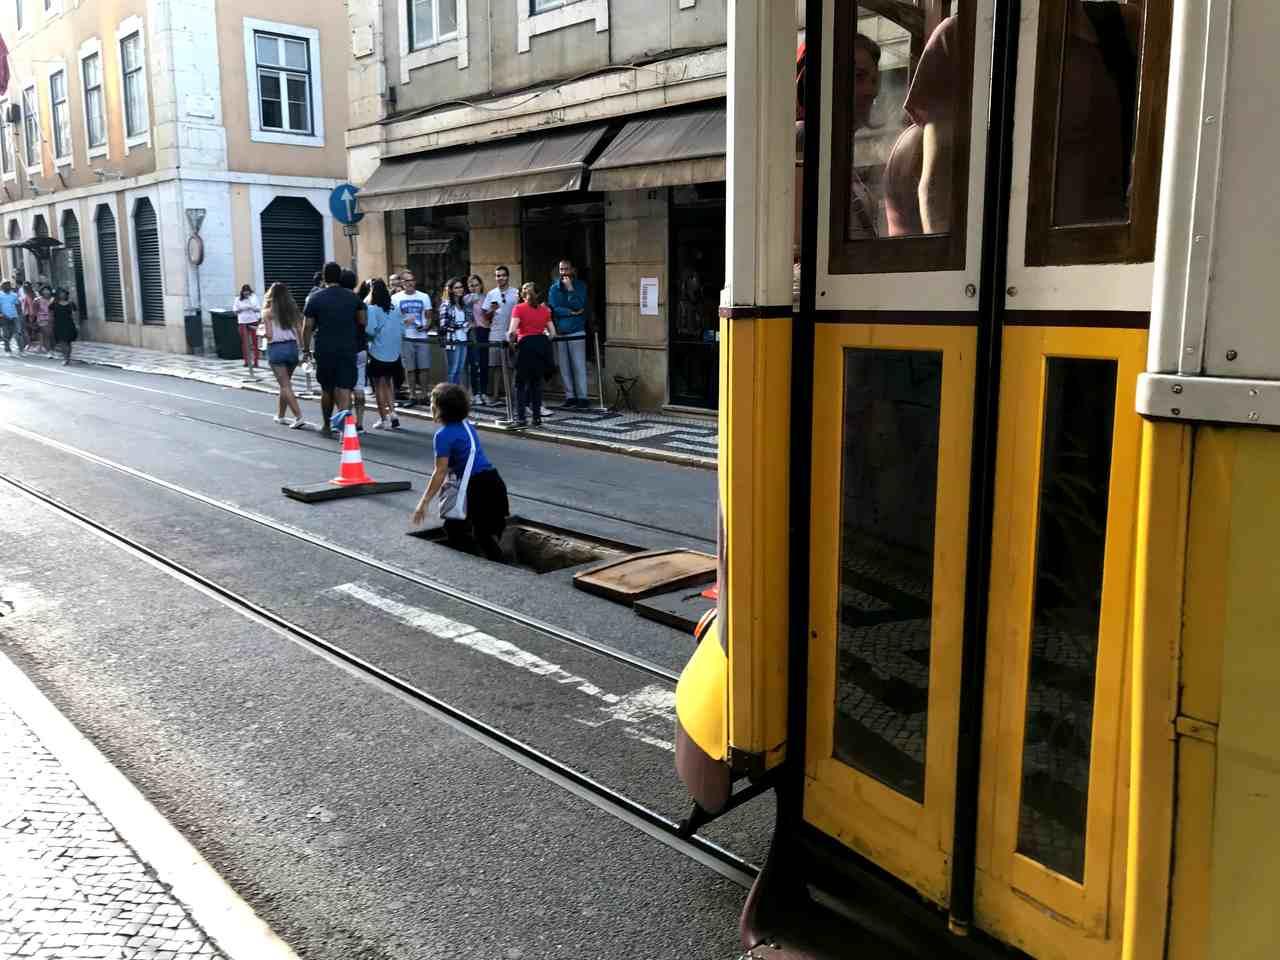 Elétrico a passar na Rua da Conceição, em Lisboa, enquanto uma senhora sai das Galerias Romanas pelo alçapão